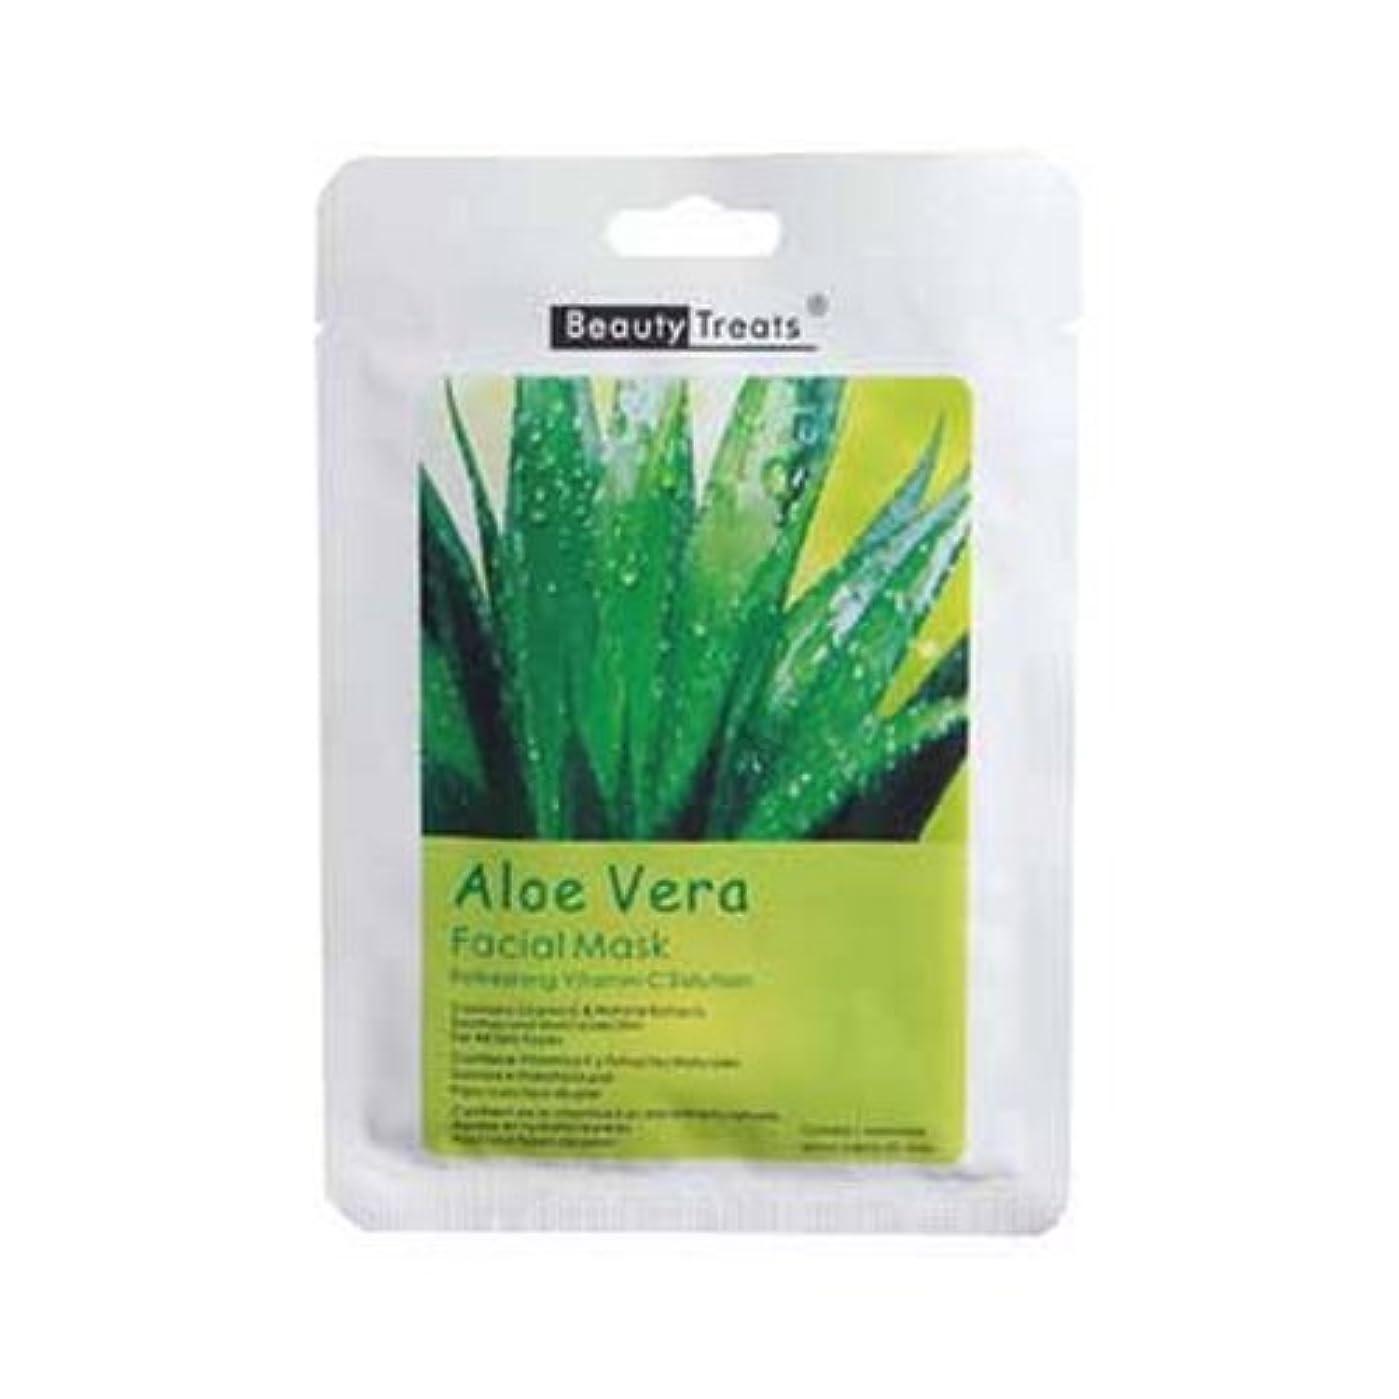 文明化タンカー図書館(6 Pack) BEAUTY TREATS Facial Mask Refreshing Vitamin C Solution - Aloe Vera (並行輸入品)